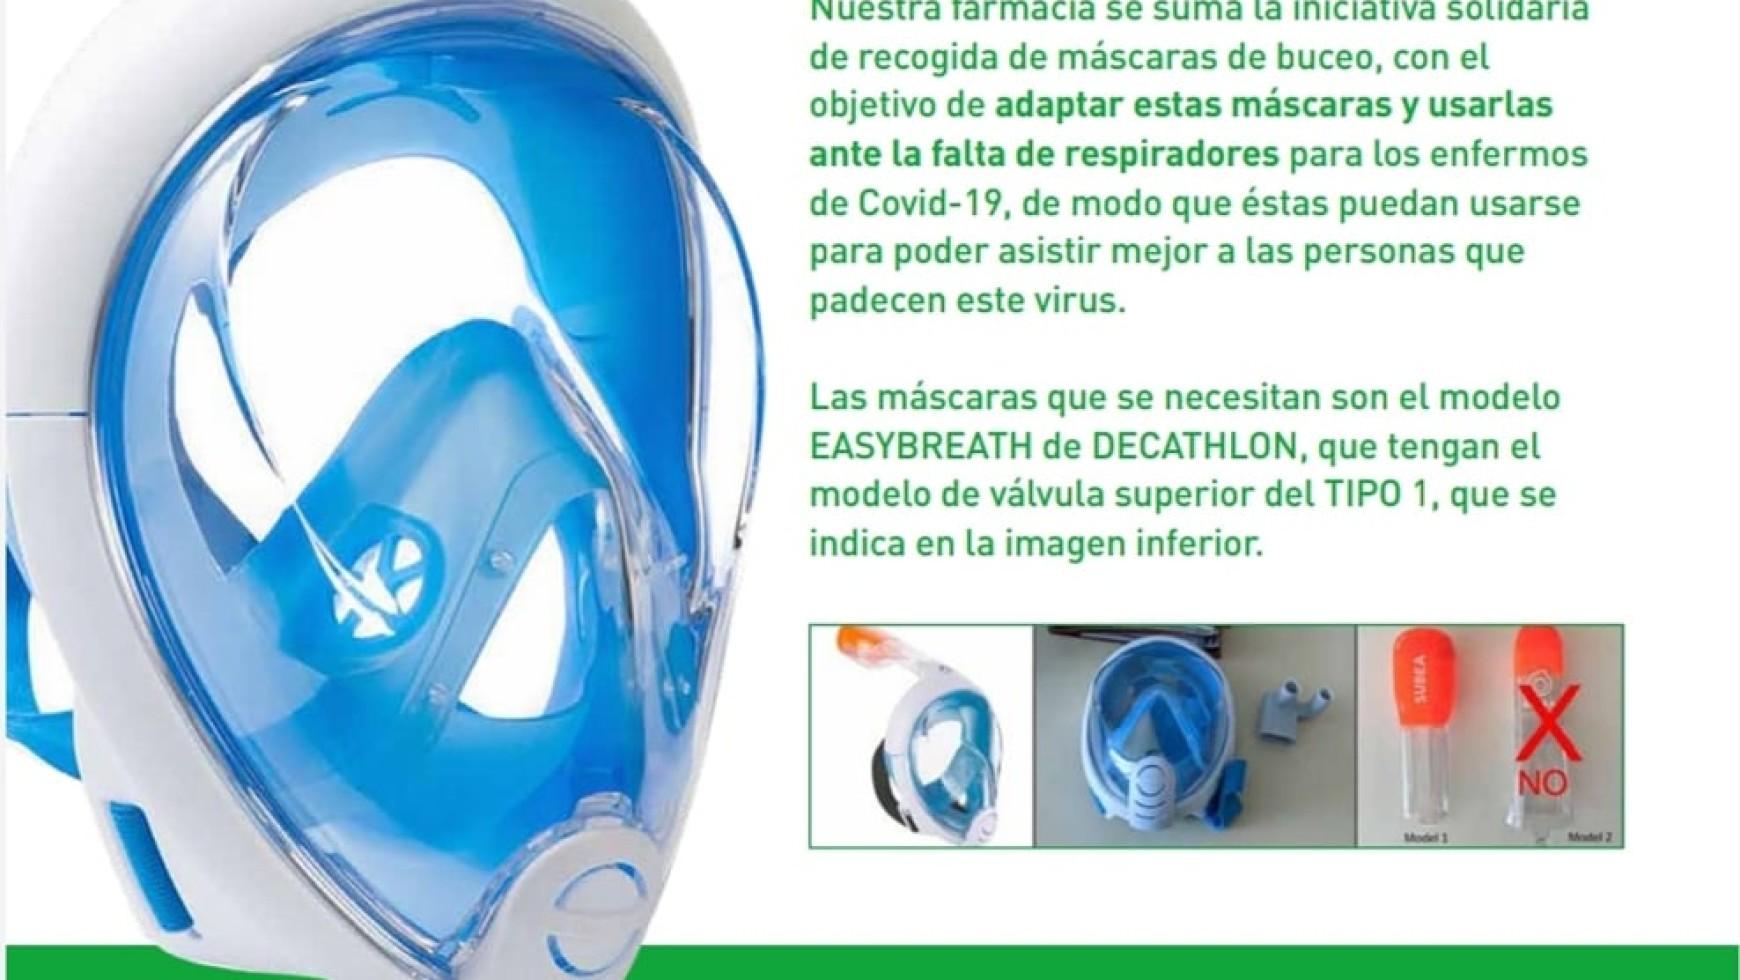 Donación mascaras de buceo